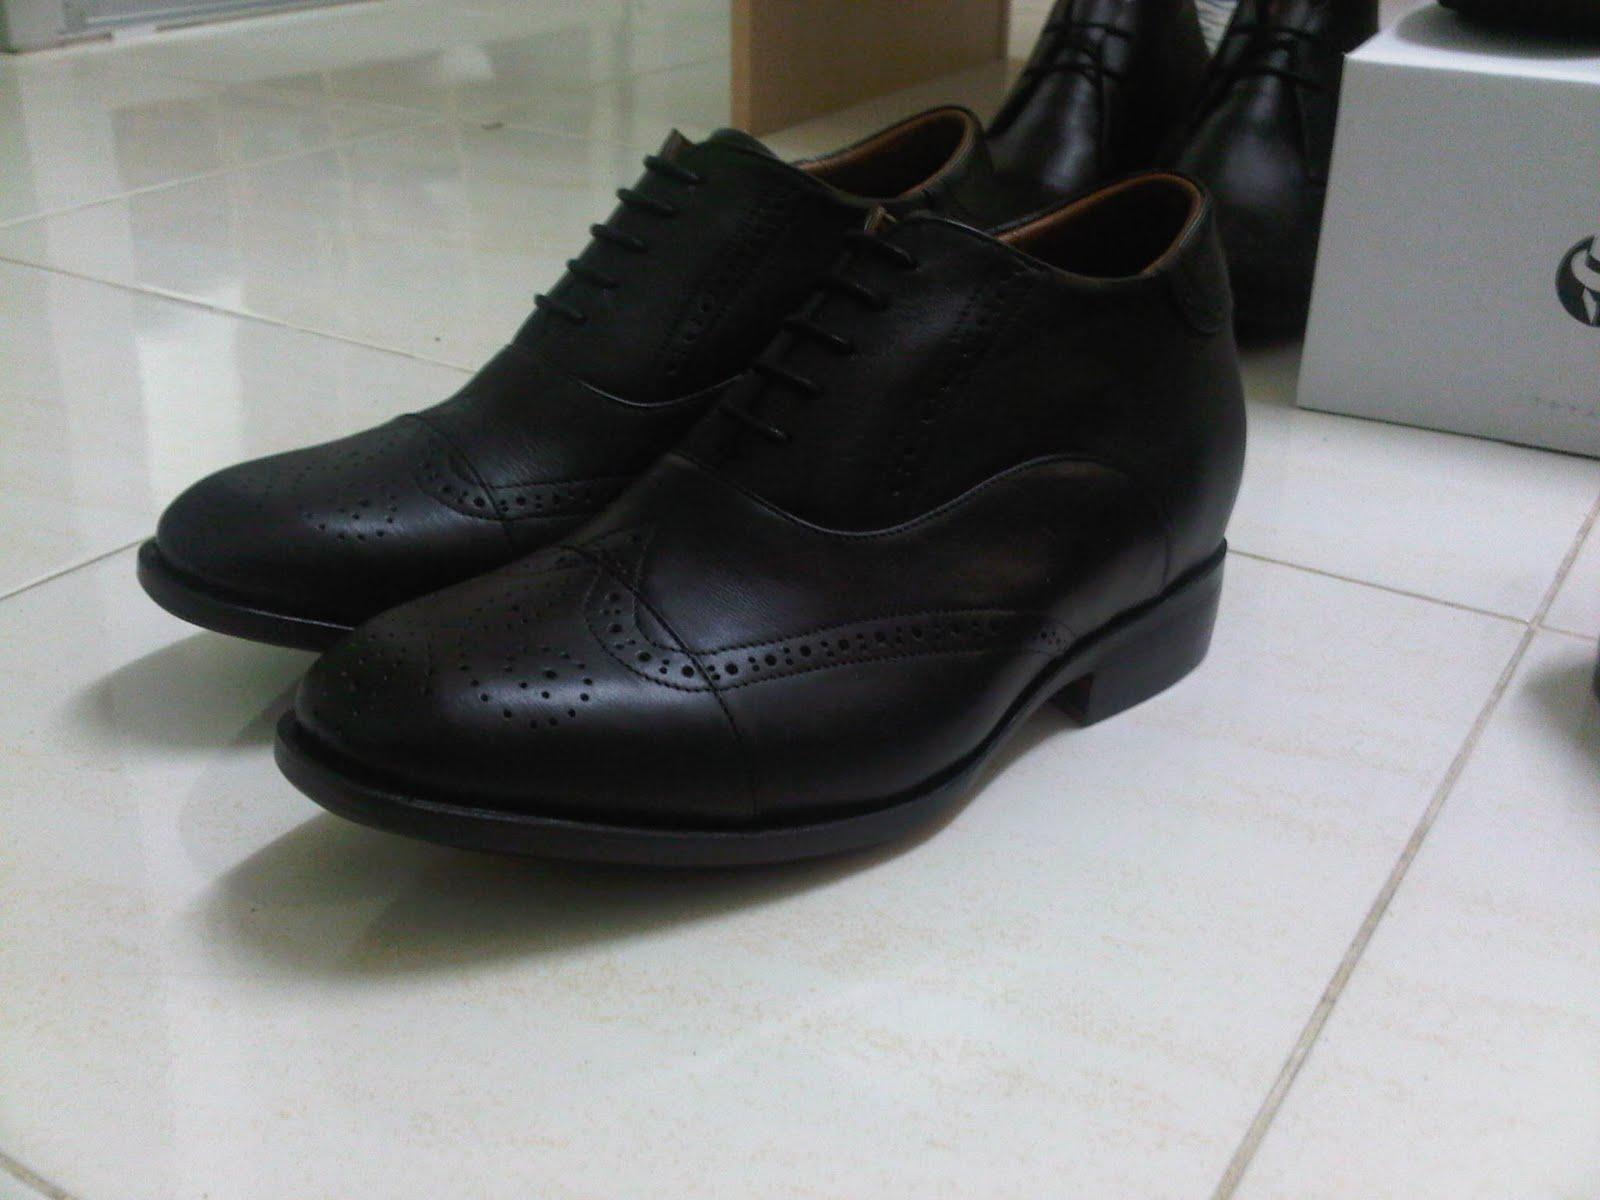 Image Result For Best Shoes For Men